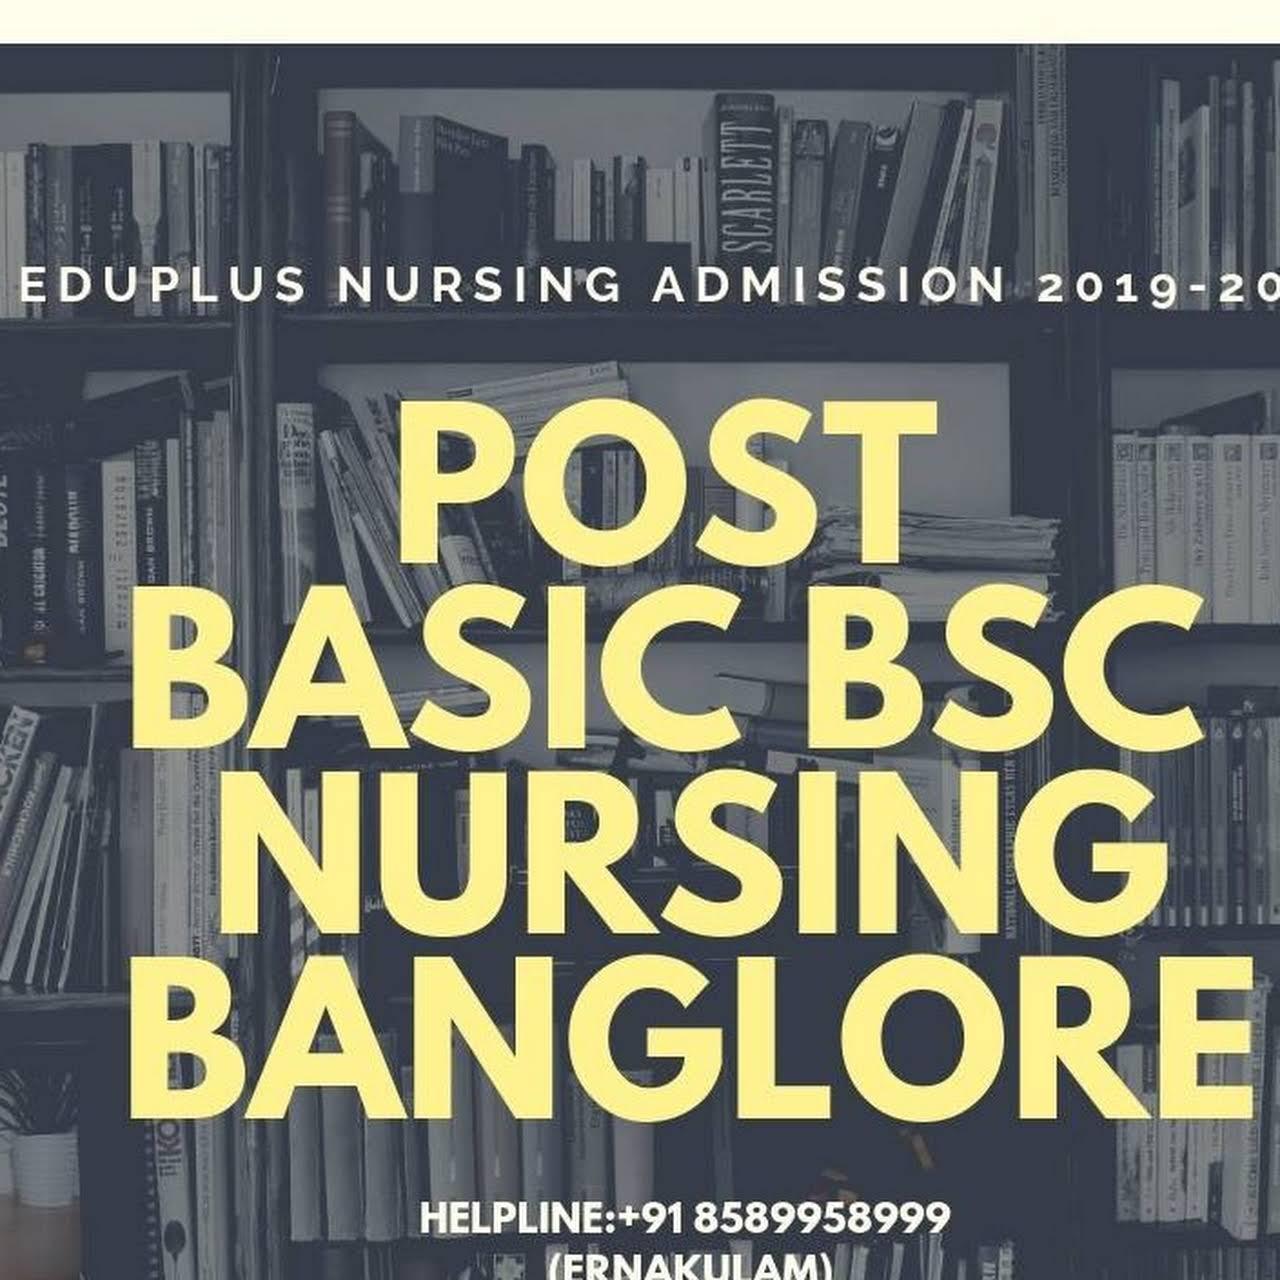 MSC AND POST BSC NURSING - Nursing Agency in ERNAKULAM